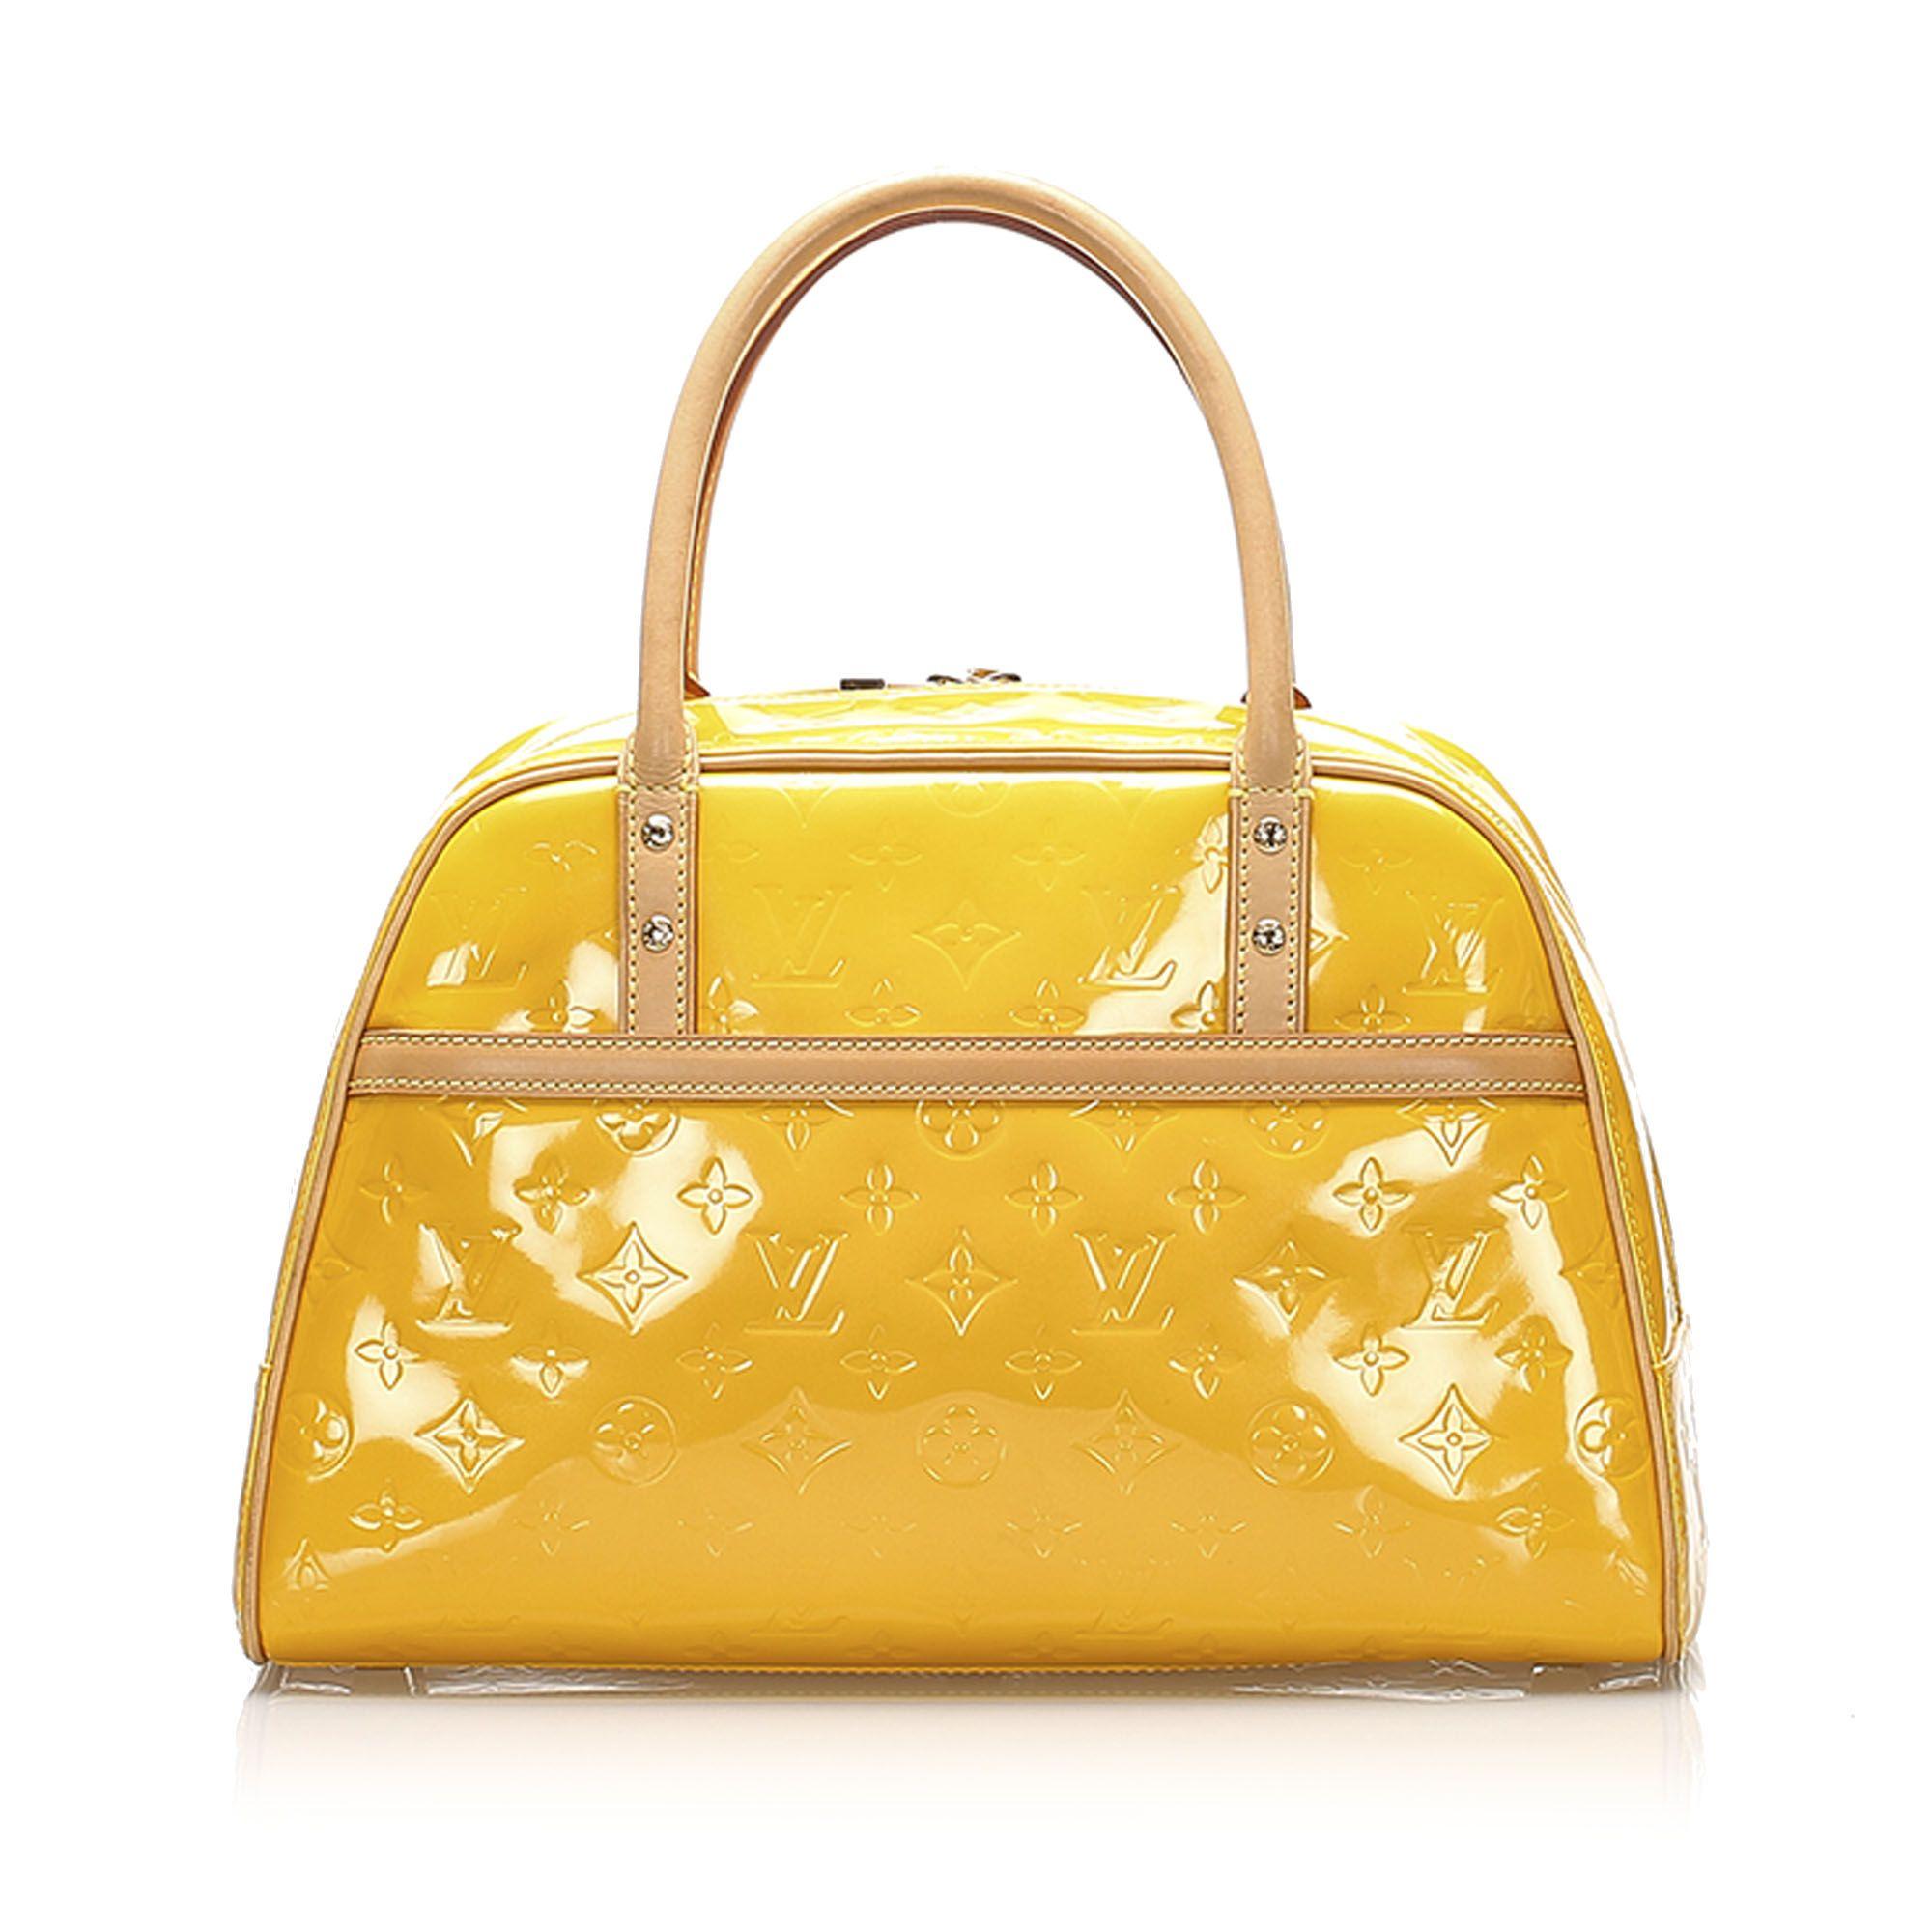 Vintage Louis Vuitton Vernis Tompkins Square Yellow